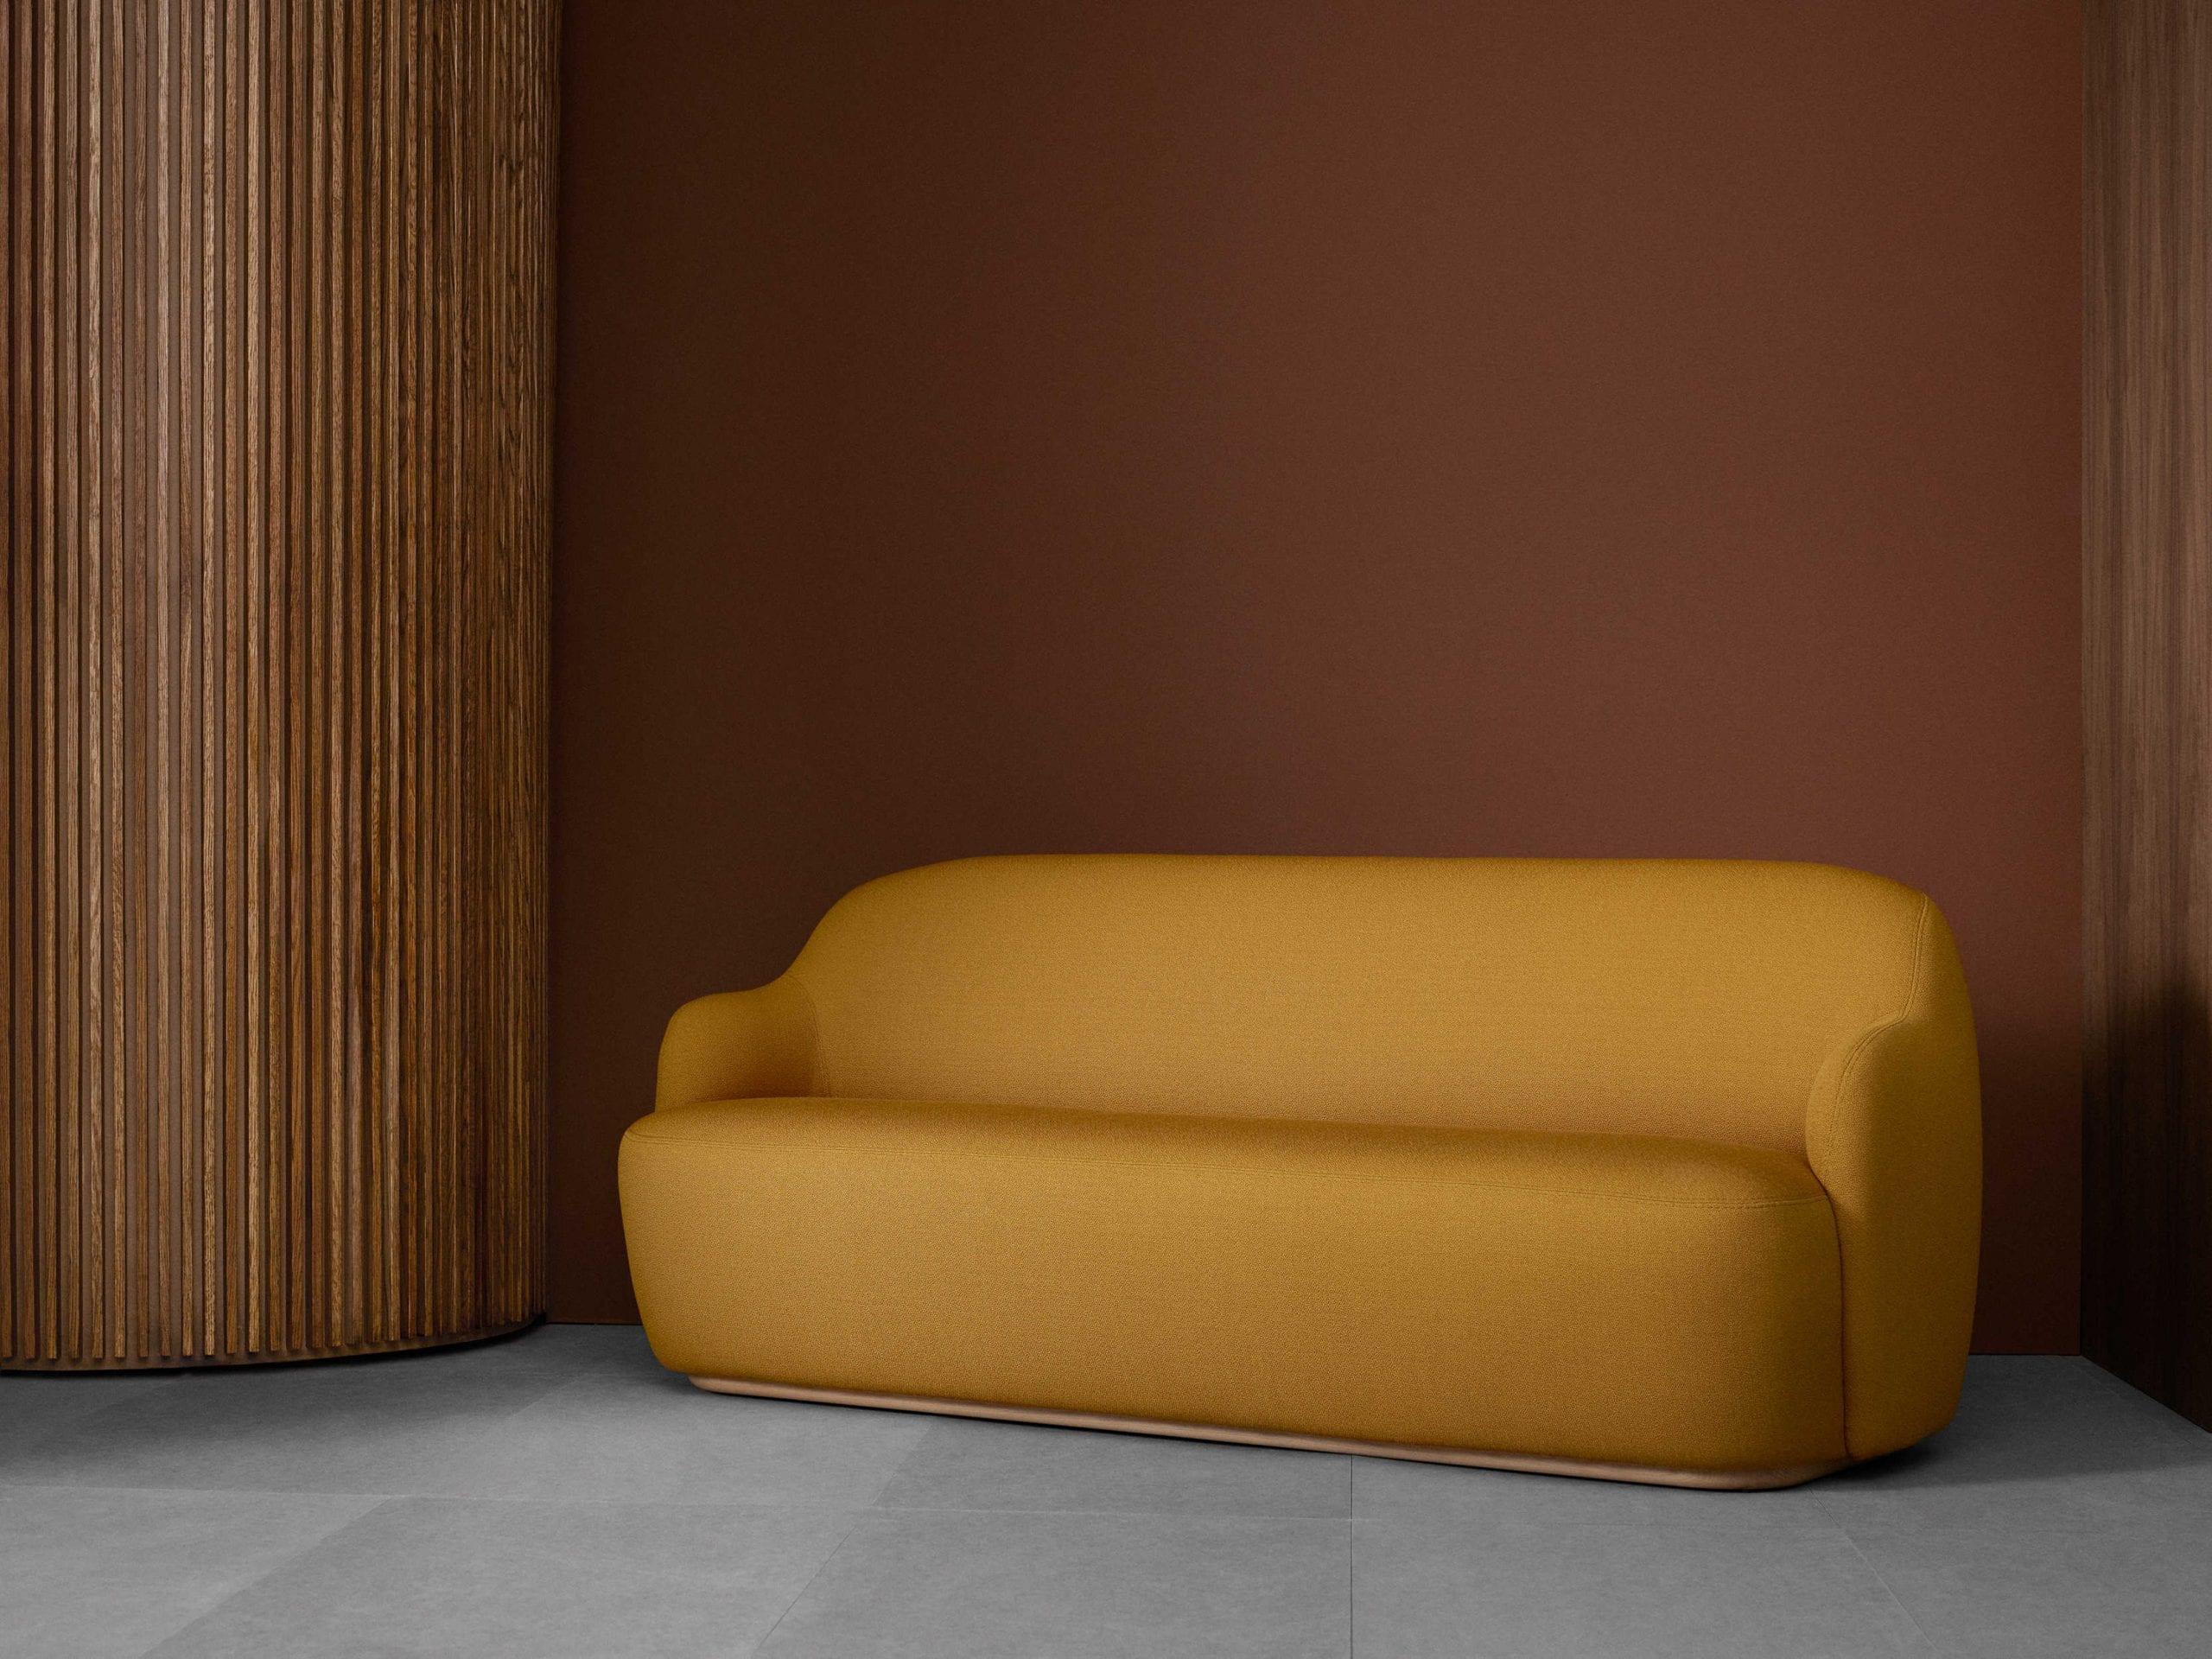 ספה מעוצבת בצבע חרדל - FOGIA